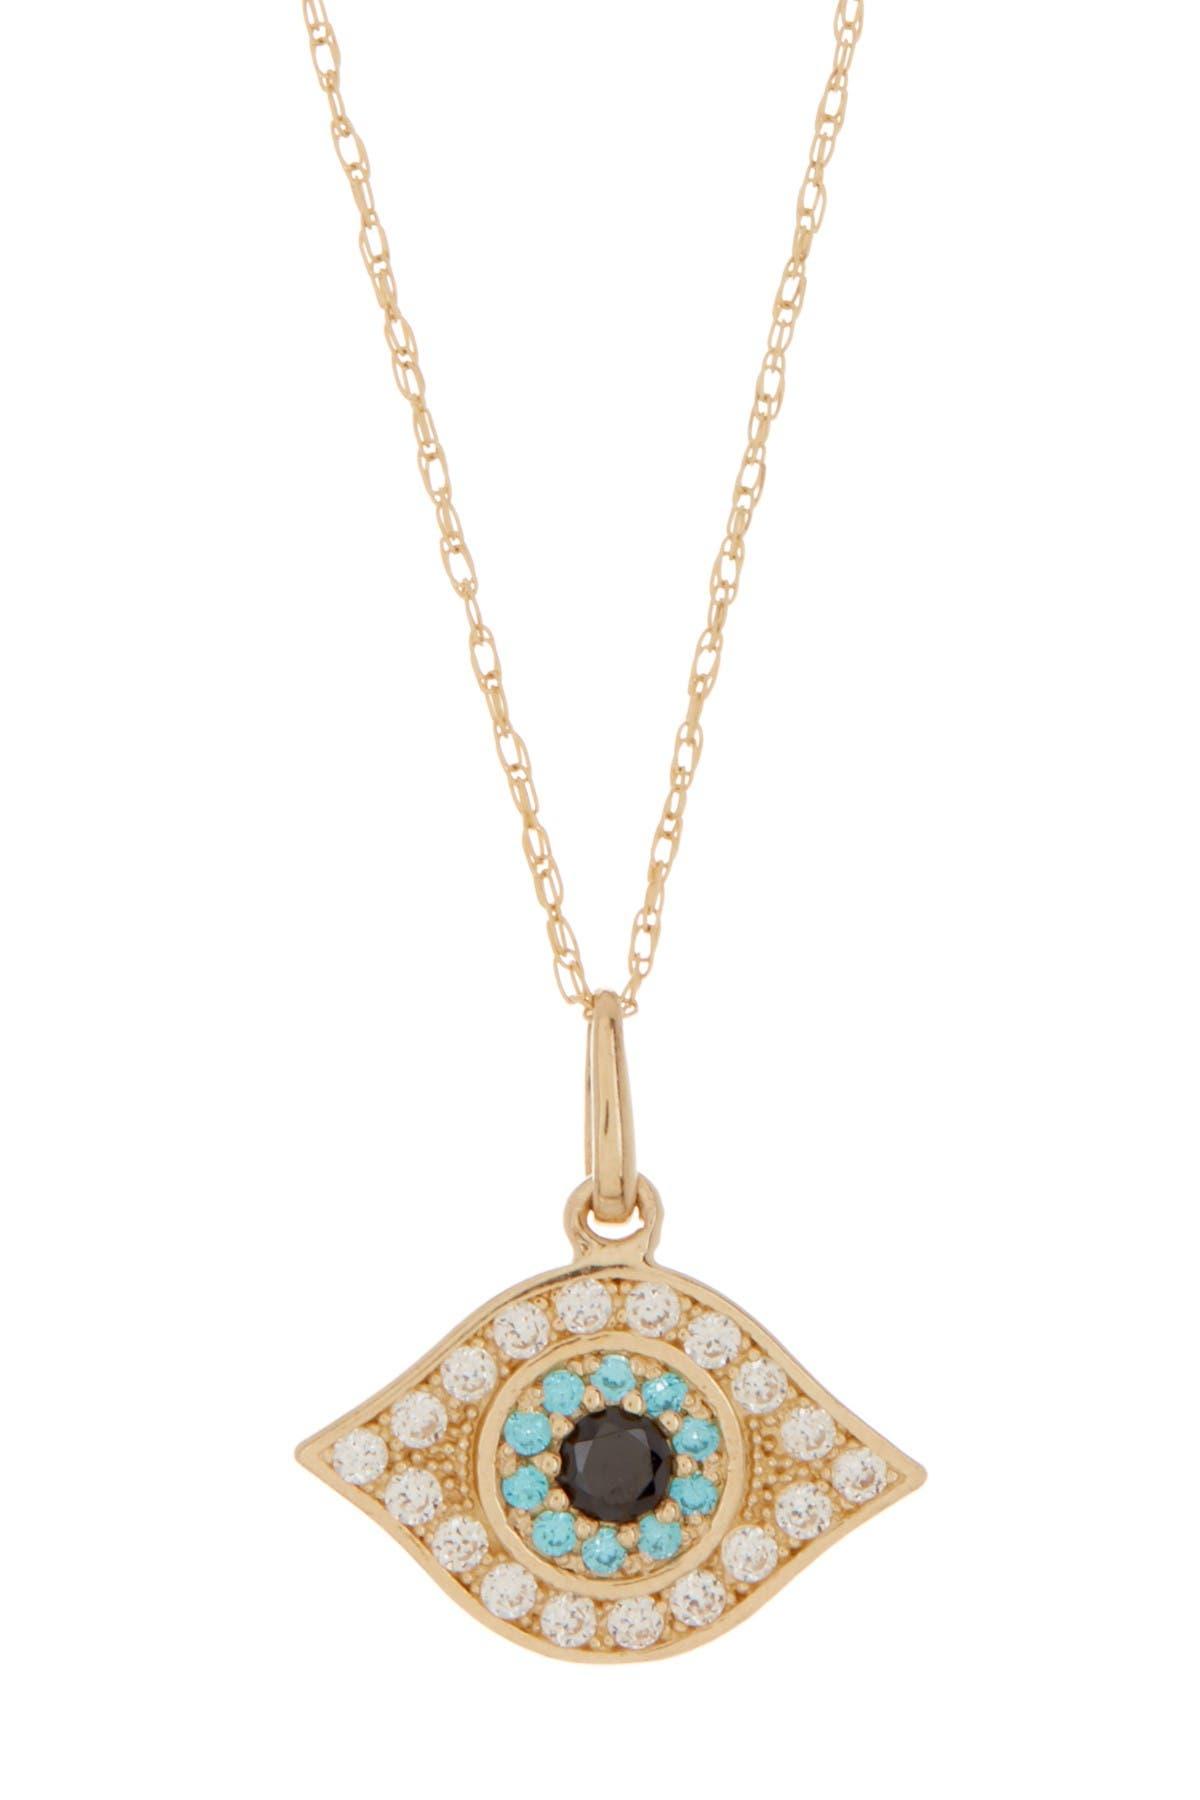 Image of Candela 10K Yellow Gold CZ Evil Eye Pendant Necklace